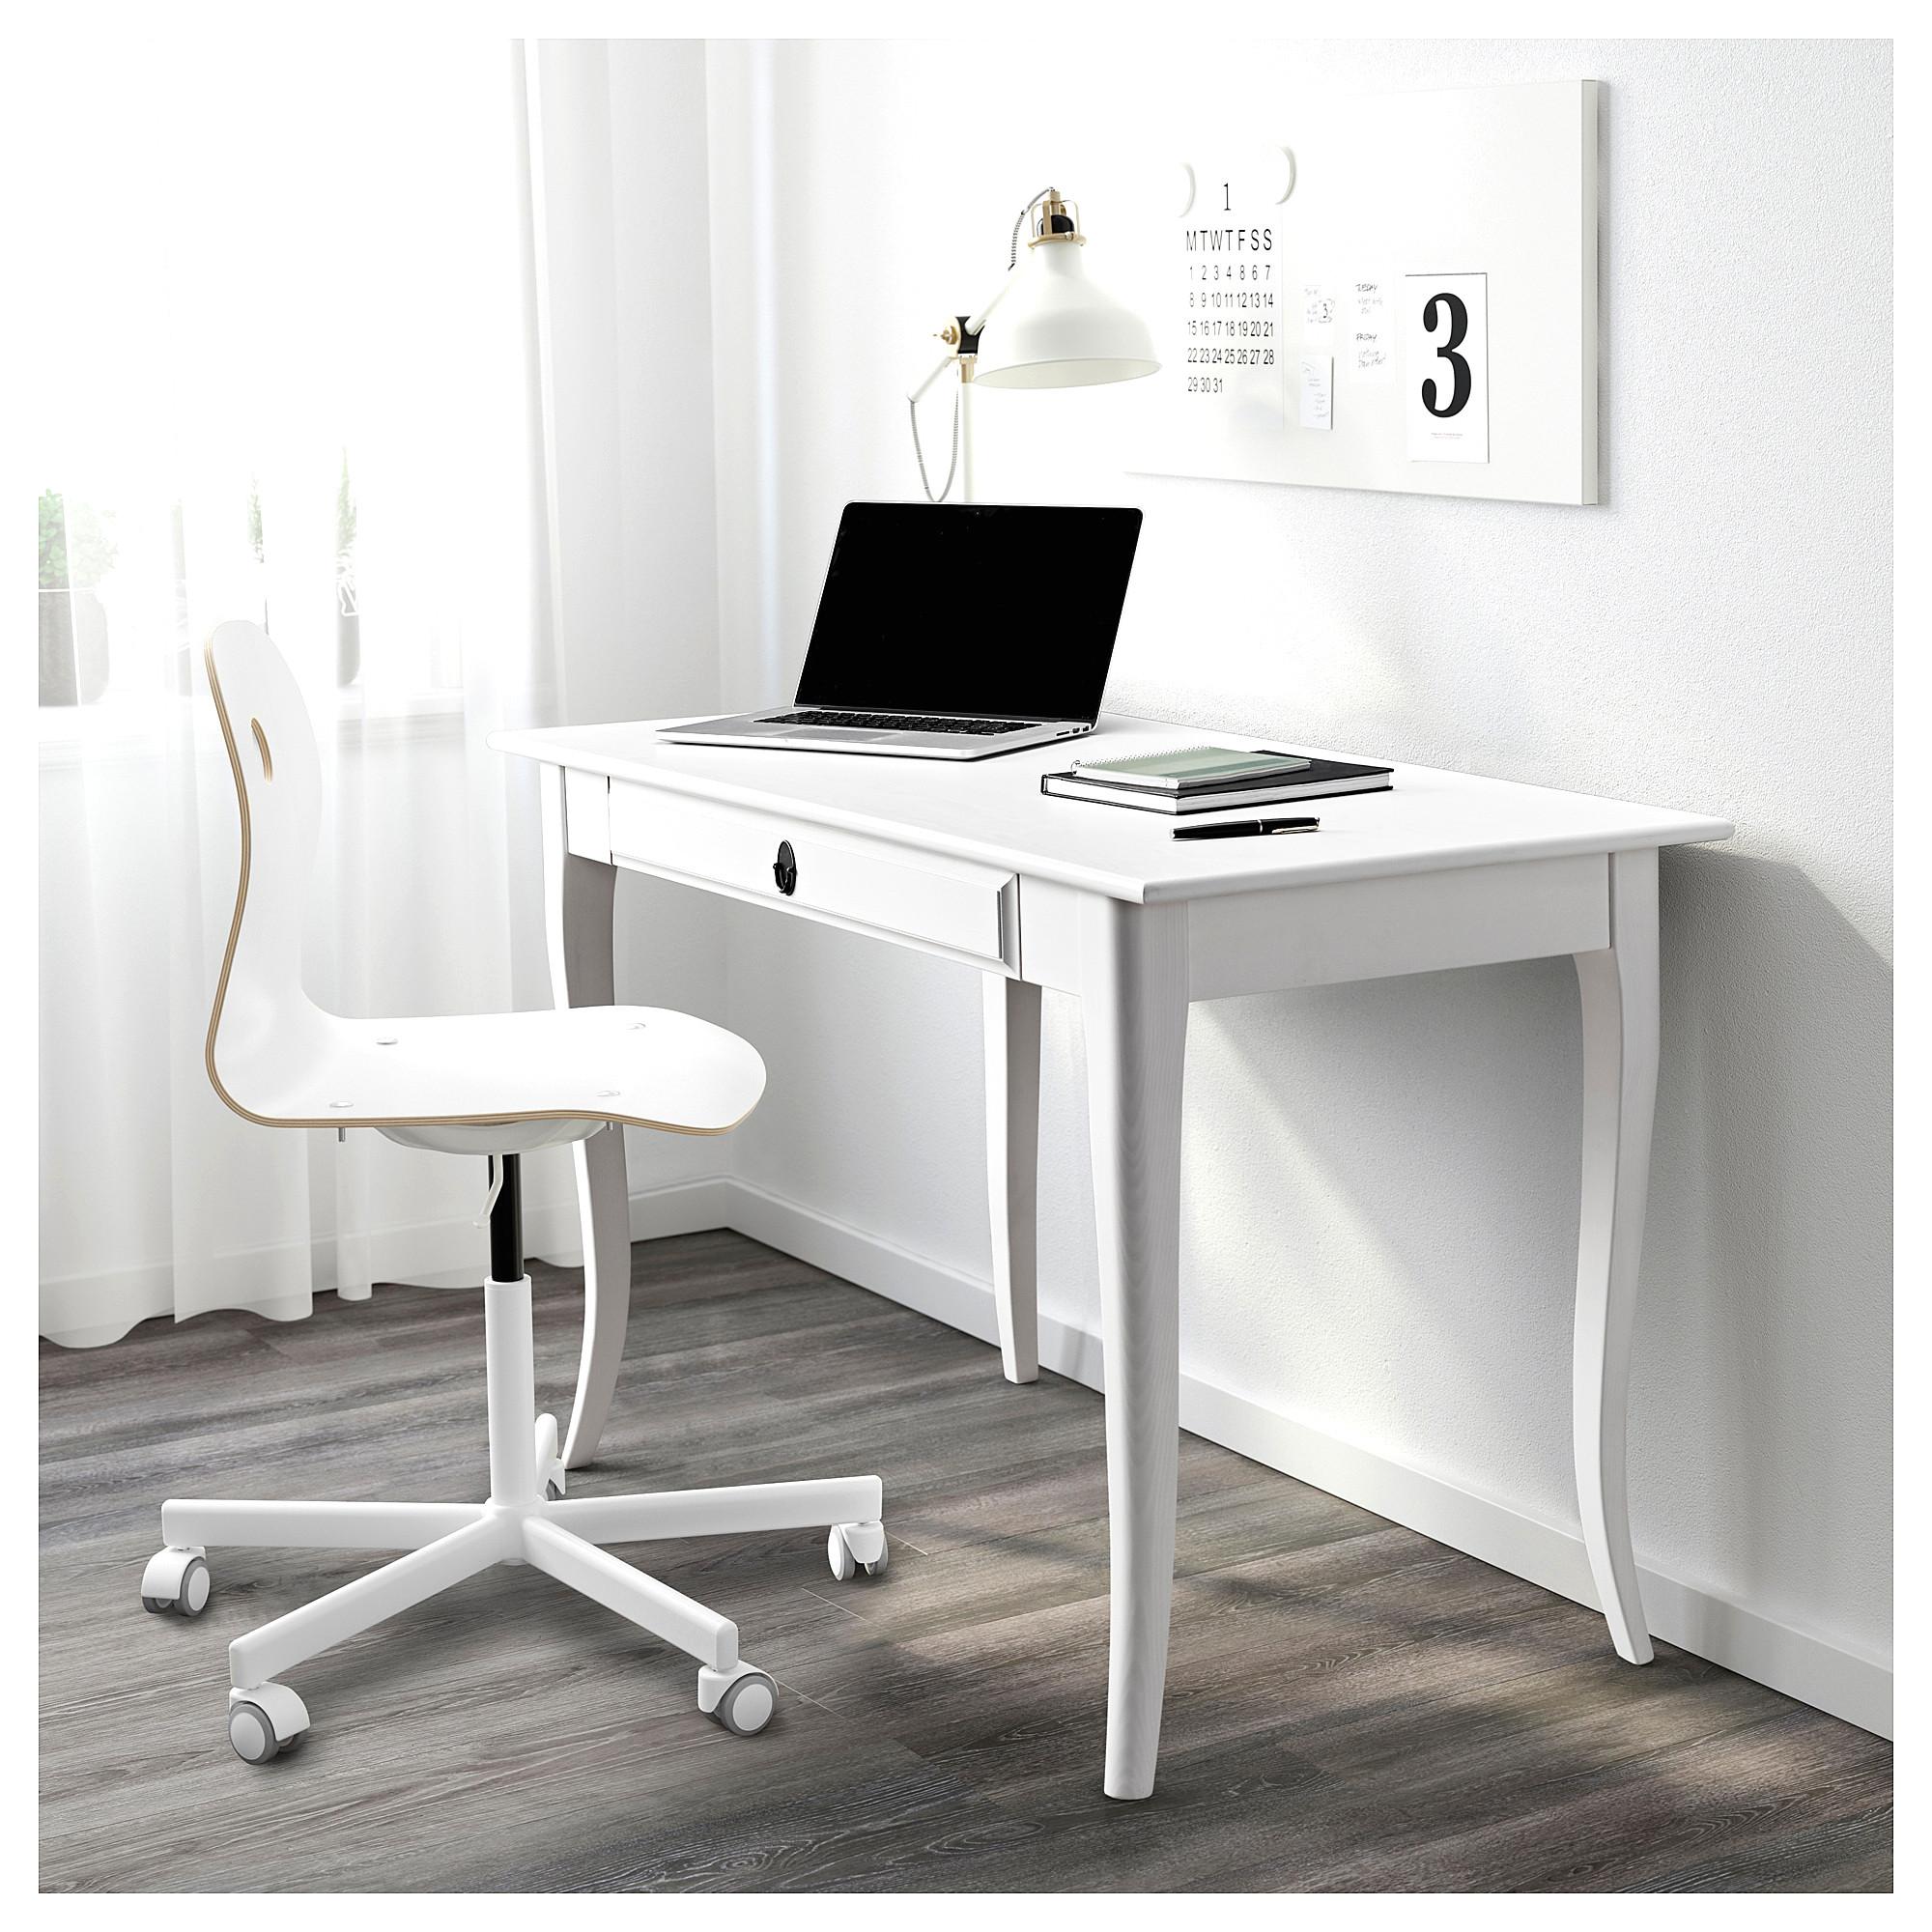 ikea schreibtisch galant schon 45 elegant ikea workstation desk pics desk ideas